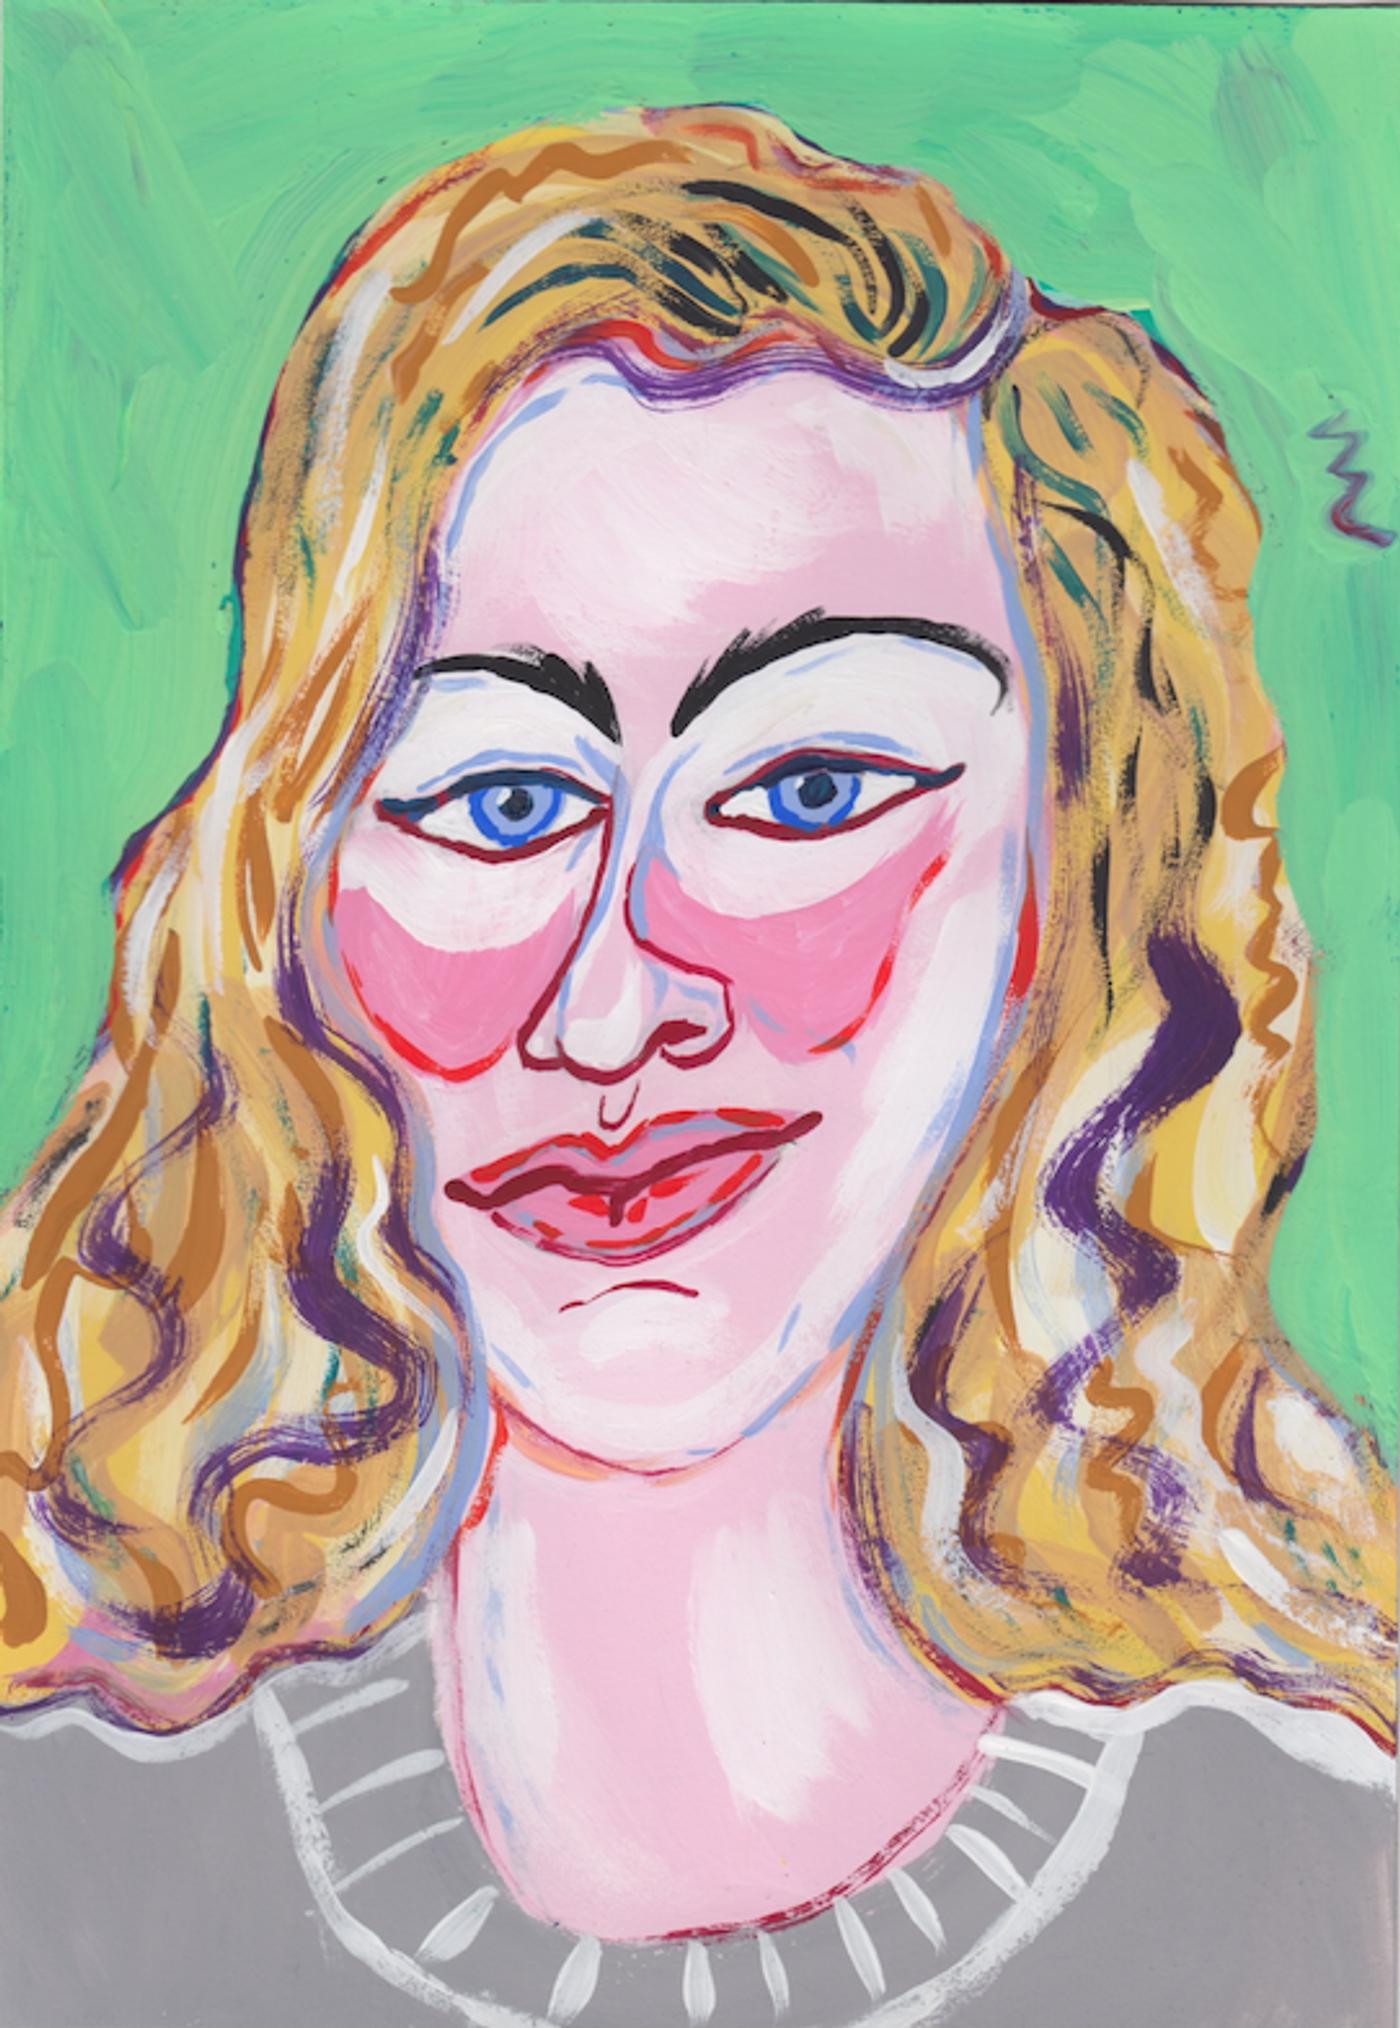 Image of Ilona Szwarc, 2020: Gouache on paper